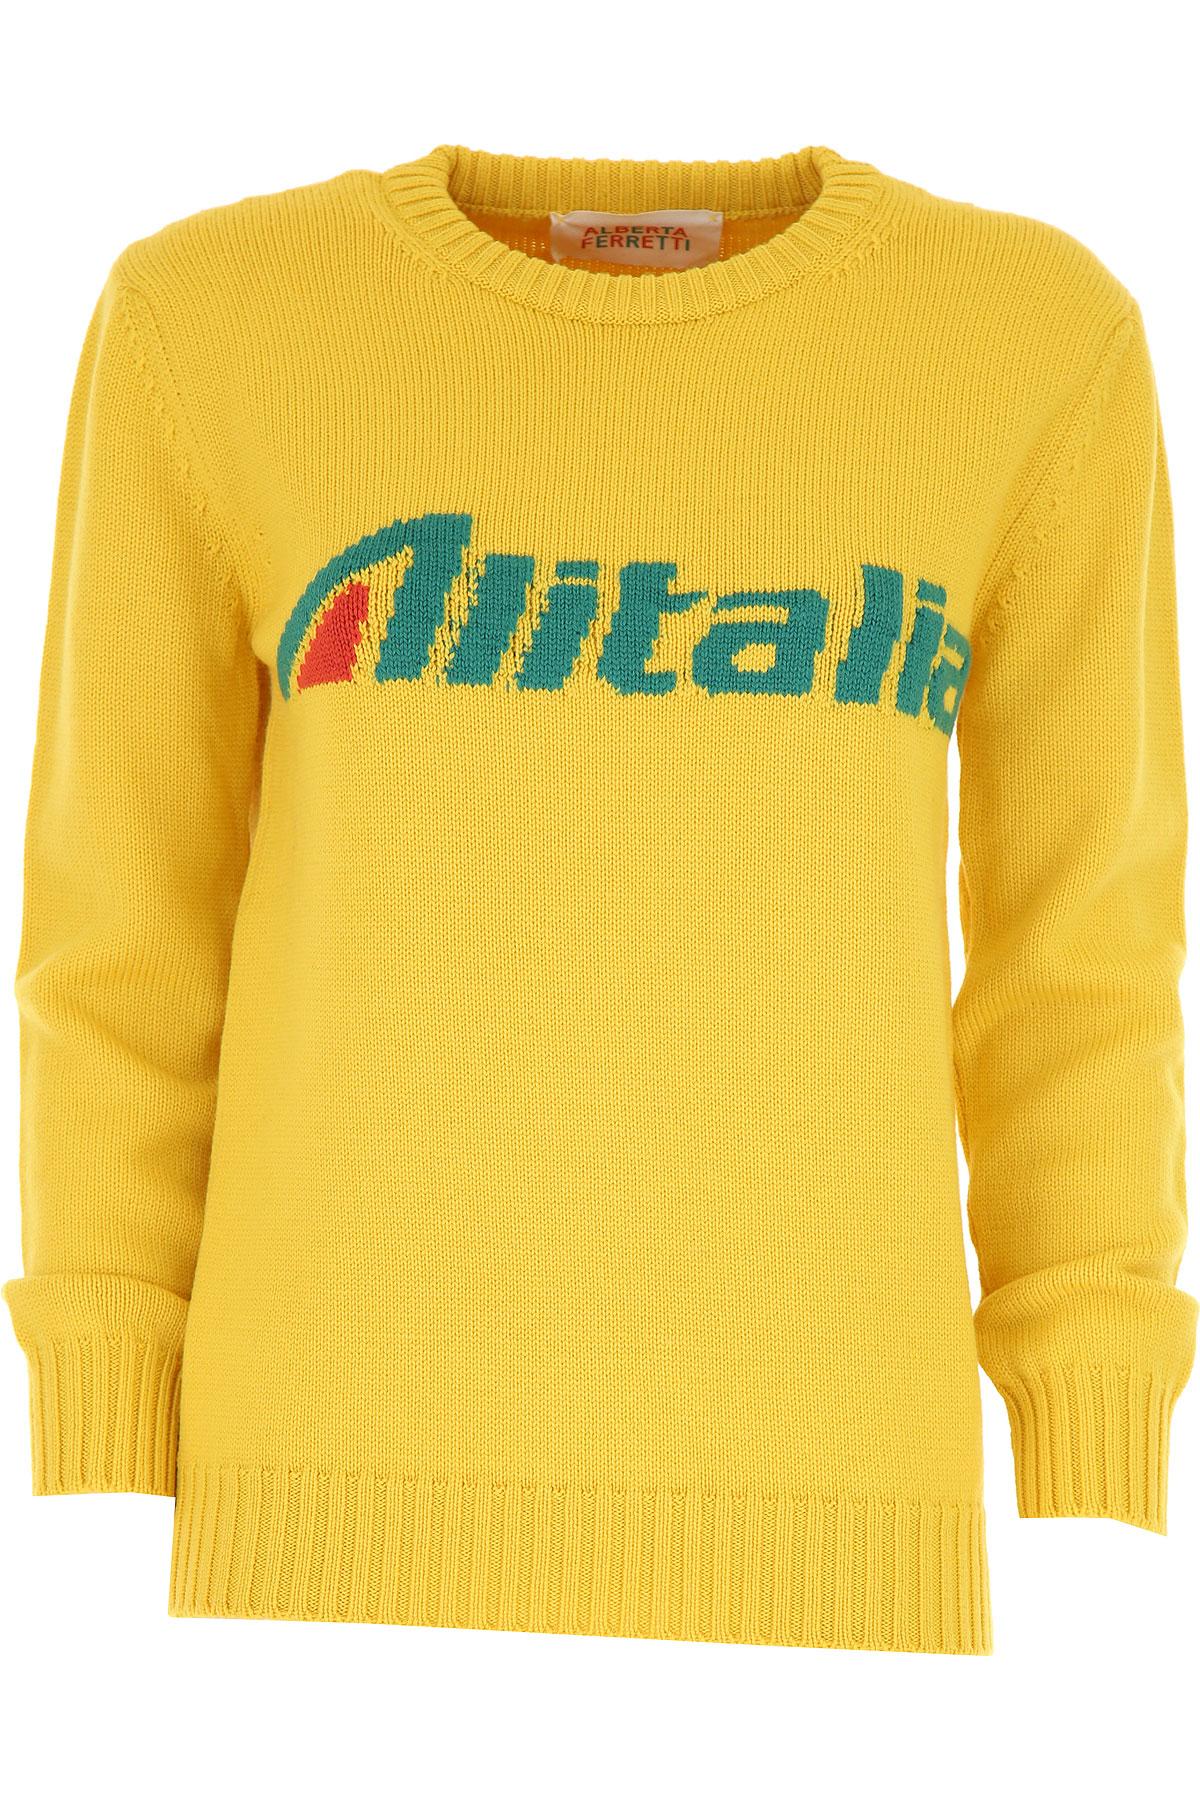 Alberta Ferretti Sweater for Women Jumper On Sale, Yellow, Virgin wool, 2019, 2 4 6